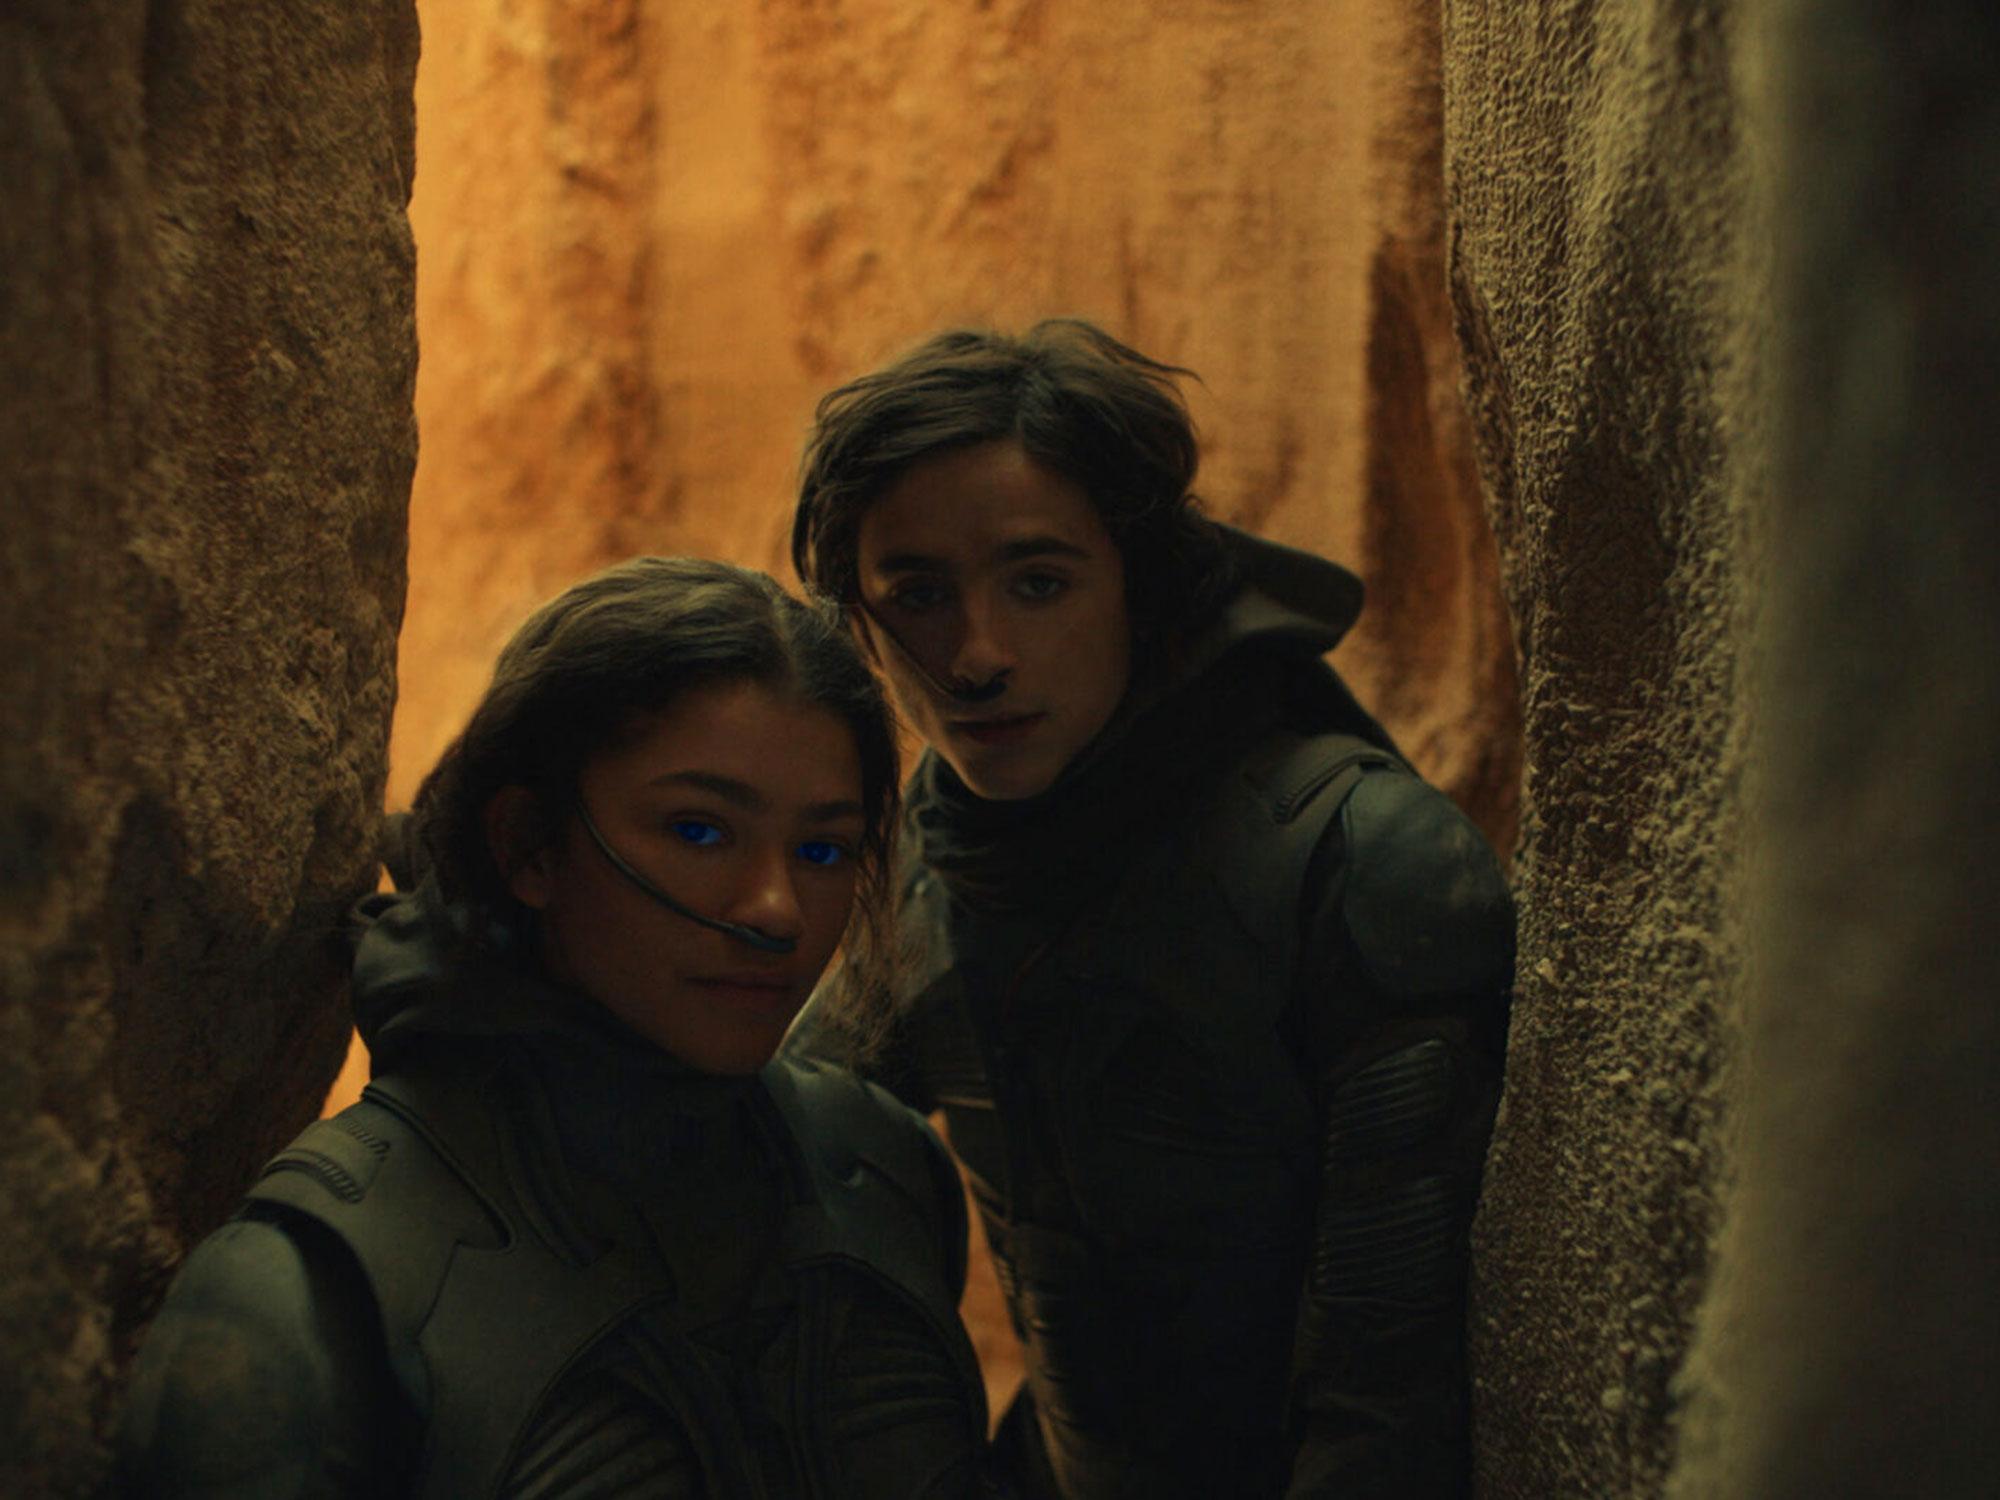 Timothée Chalamet and Zendaya in Dune (2020)